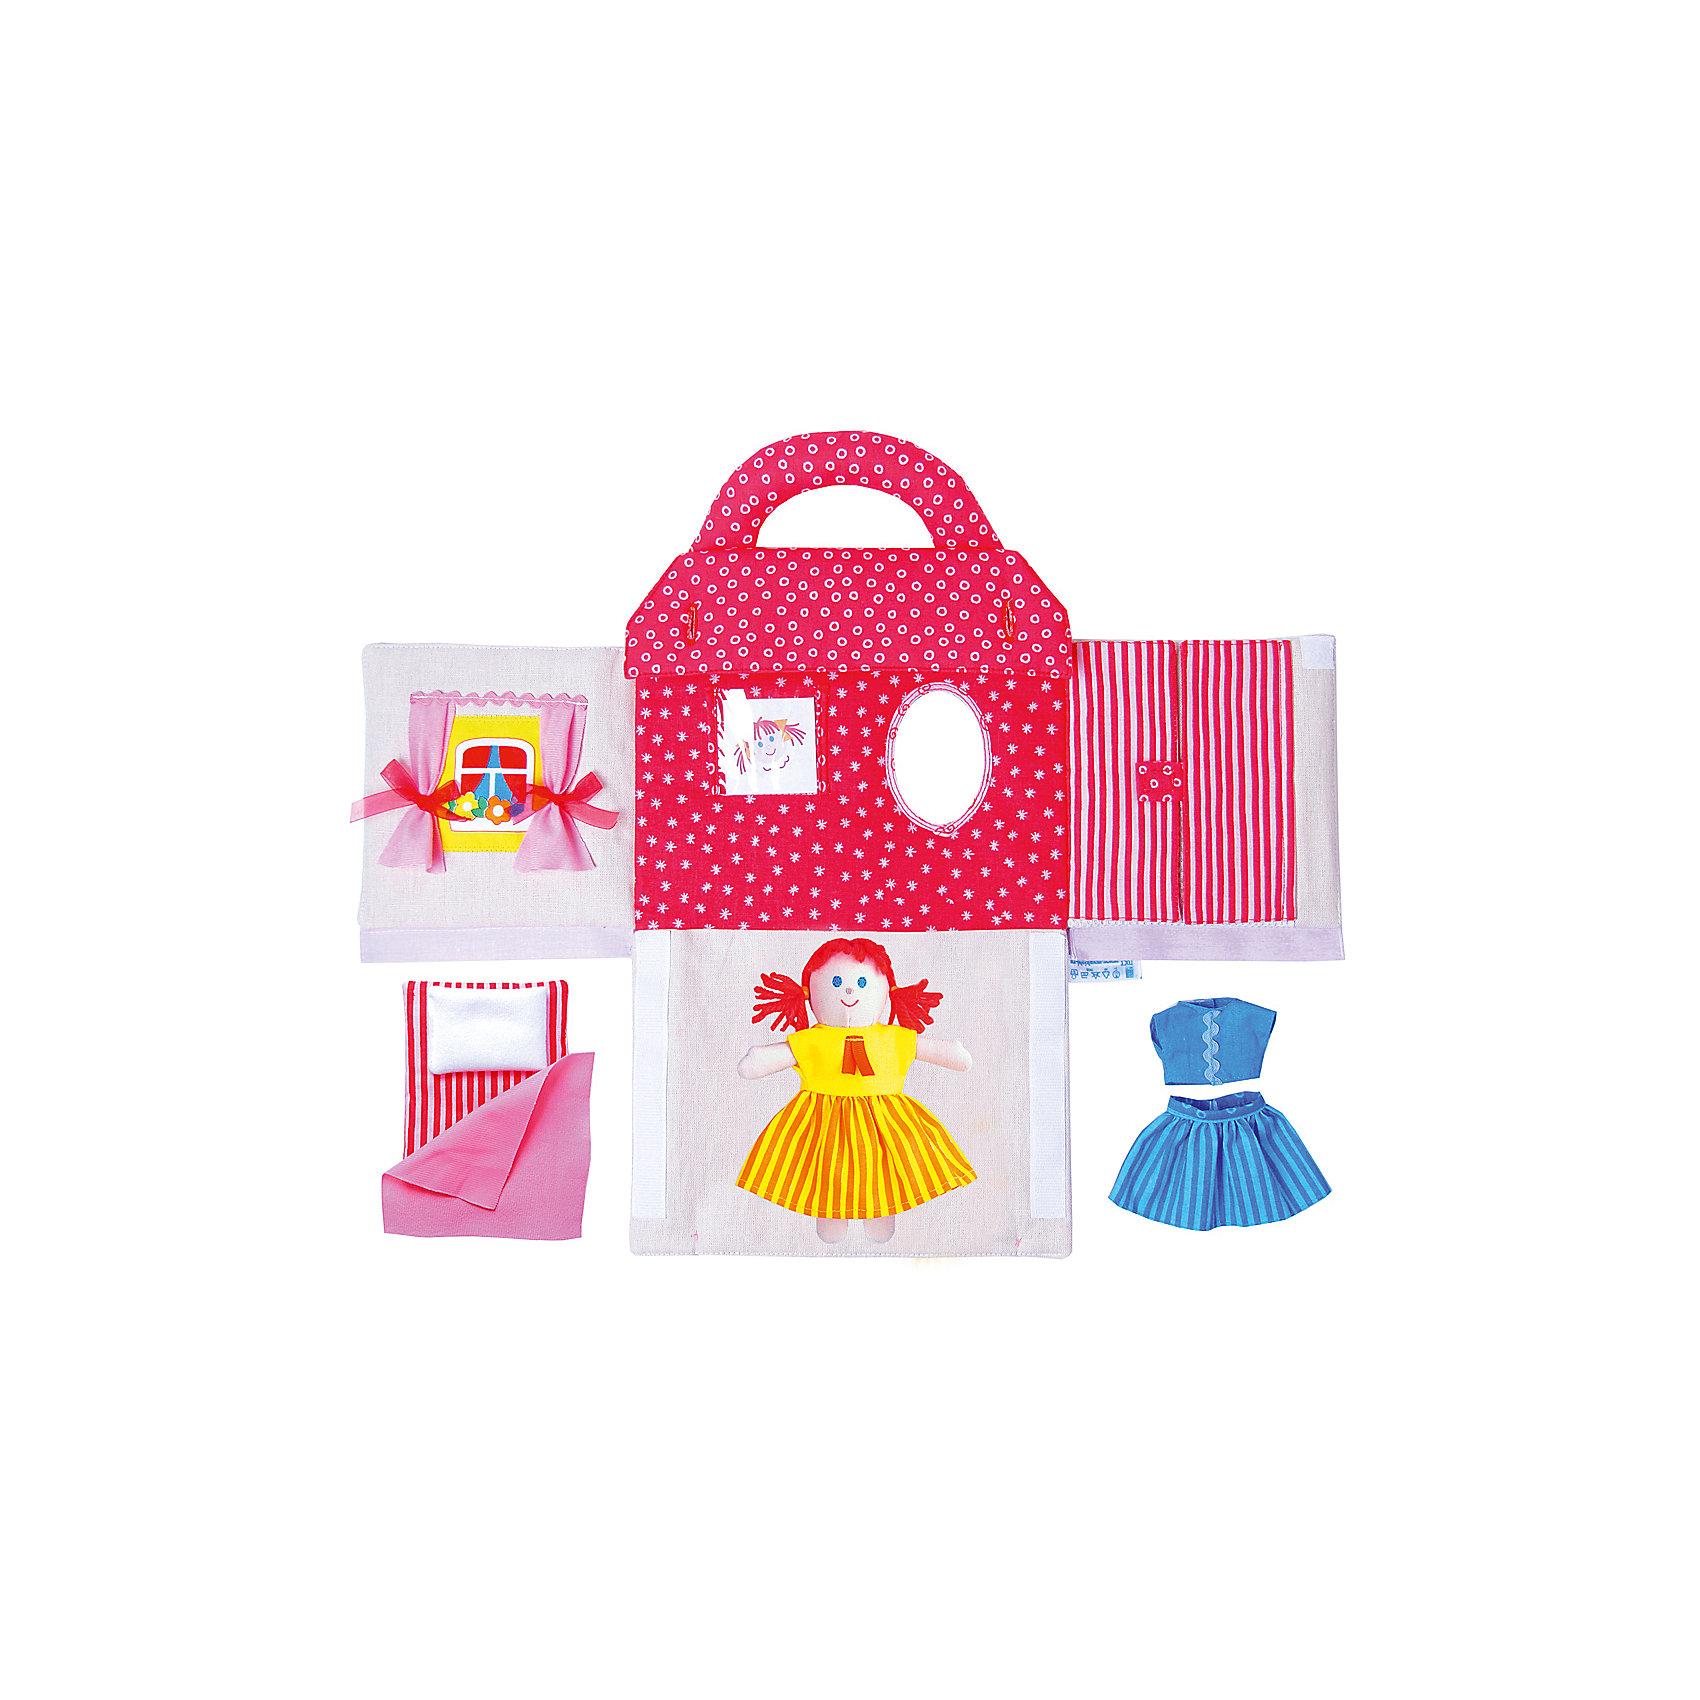 Игрушка Кукольный домик Маняши, МякишиМягкие игрушки<br>Характеристики товара:<br><br>• материал: лён, пряжа, трикотаж, полиэтилен<br>• комплектация: сумочка, куколка, аксессуары<br>• размер игрушки: 27х24х4 см<br>• развивающая игрушка<br>• упаковка: индивидуальная ПВХ сумочка<br>• страна бренда: РФ<br>• страна изготовитель: РФ<br><br>Малыши активно познают мир и тянутся к новой информации. Чтобы сделать процесс изучения окружающего пространства интереснее, ребенку можно подарить развивающие игрушки. В процессе игры информация усваивается намного лучше!<br>Такой домик поможет занять малыша, играть с ним приятно и весело. Кукла в нем имеет свою постель а наряды в гарберобе! Такая игрушка позволит потренировать механизмы социального взаимодействия, а также познакомиться со многими цветами и фактурами. Подобные изделия развивают тактильные ощущения, моторику, цветовосприятие, логику, воображение, учат фокусировать внимание. Каждое изделие абсолютно безопасно – оно создано из качественной ткани с мягким наполнителем. Игрушки производятся из качественных и проверенных материалов, которые безопасны для детей.<br><br>Игрушку Кукольный домик Маняши от бренда Мякиши можно купить в нашем интернет-магазине.<br><br>Ширина мм: 270<br>Глубина мм: 240<br>Высота мм: 40<br>Вес г: 300<br>Возраст от месяцев: 12<br>Возраст до месяцев: 36<br>Пол: Женский<br>Возраст: Детский<br>SKU: 5183205